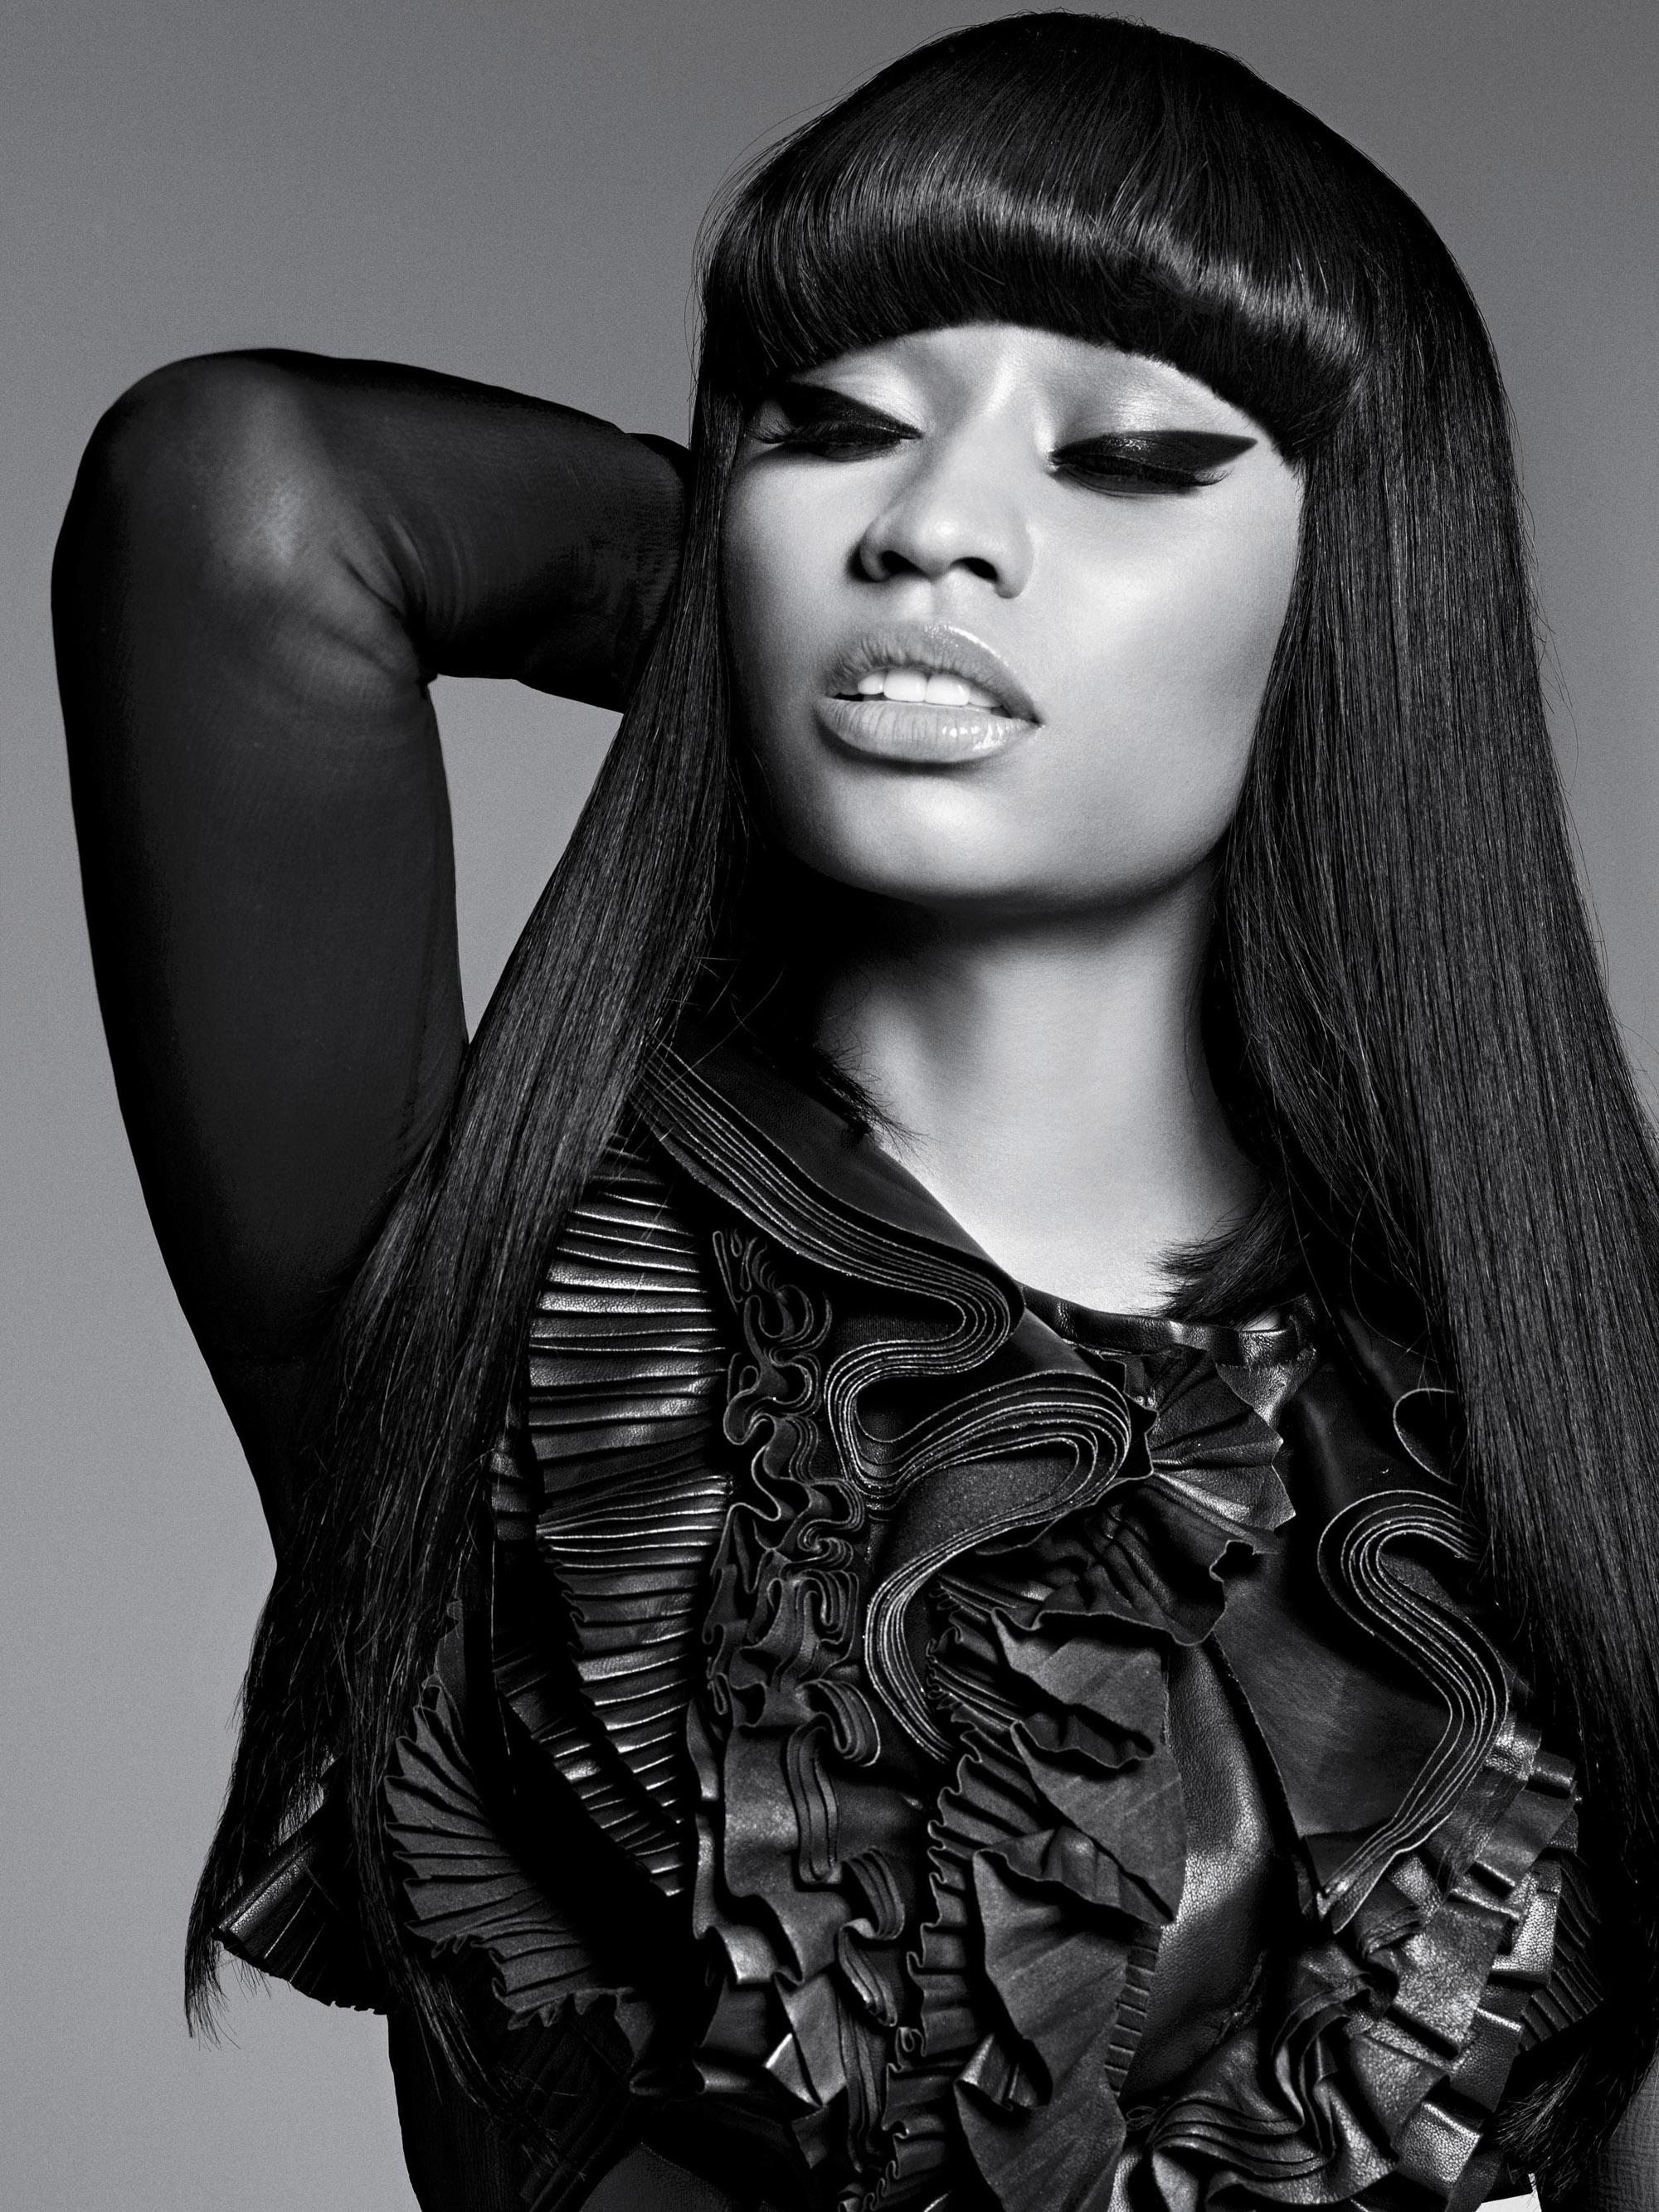 Image - Elle7.png | Nicki Minaj Wiki | FANDOM powered by Wikia